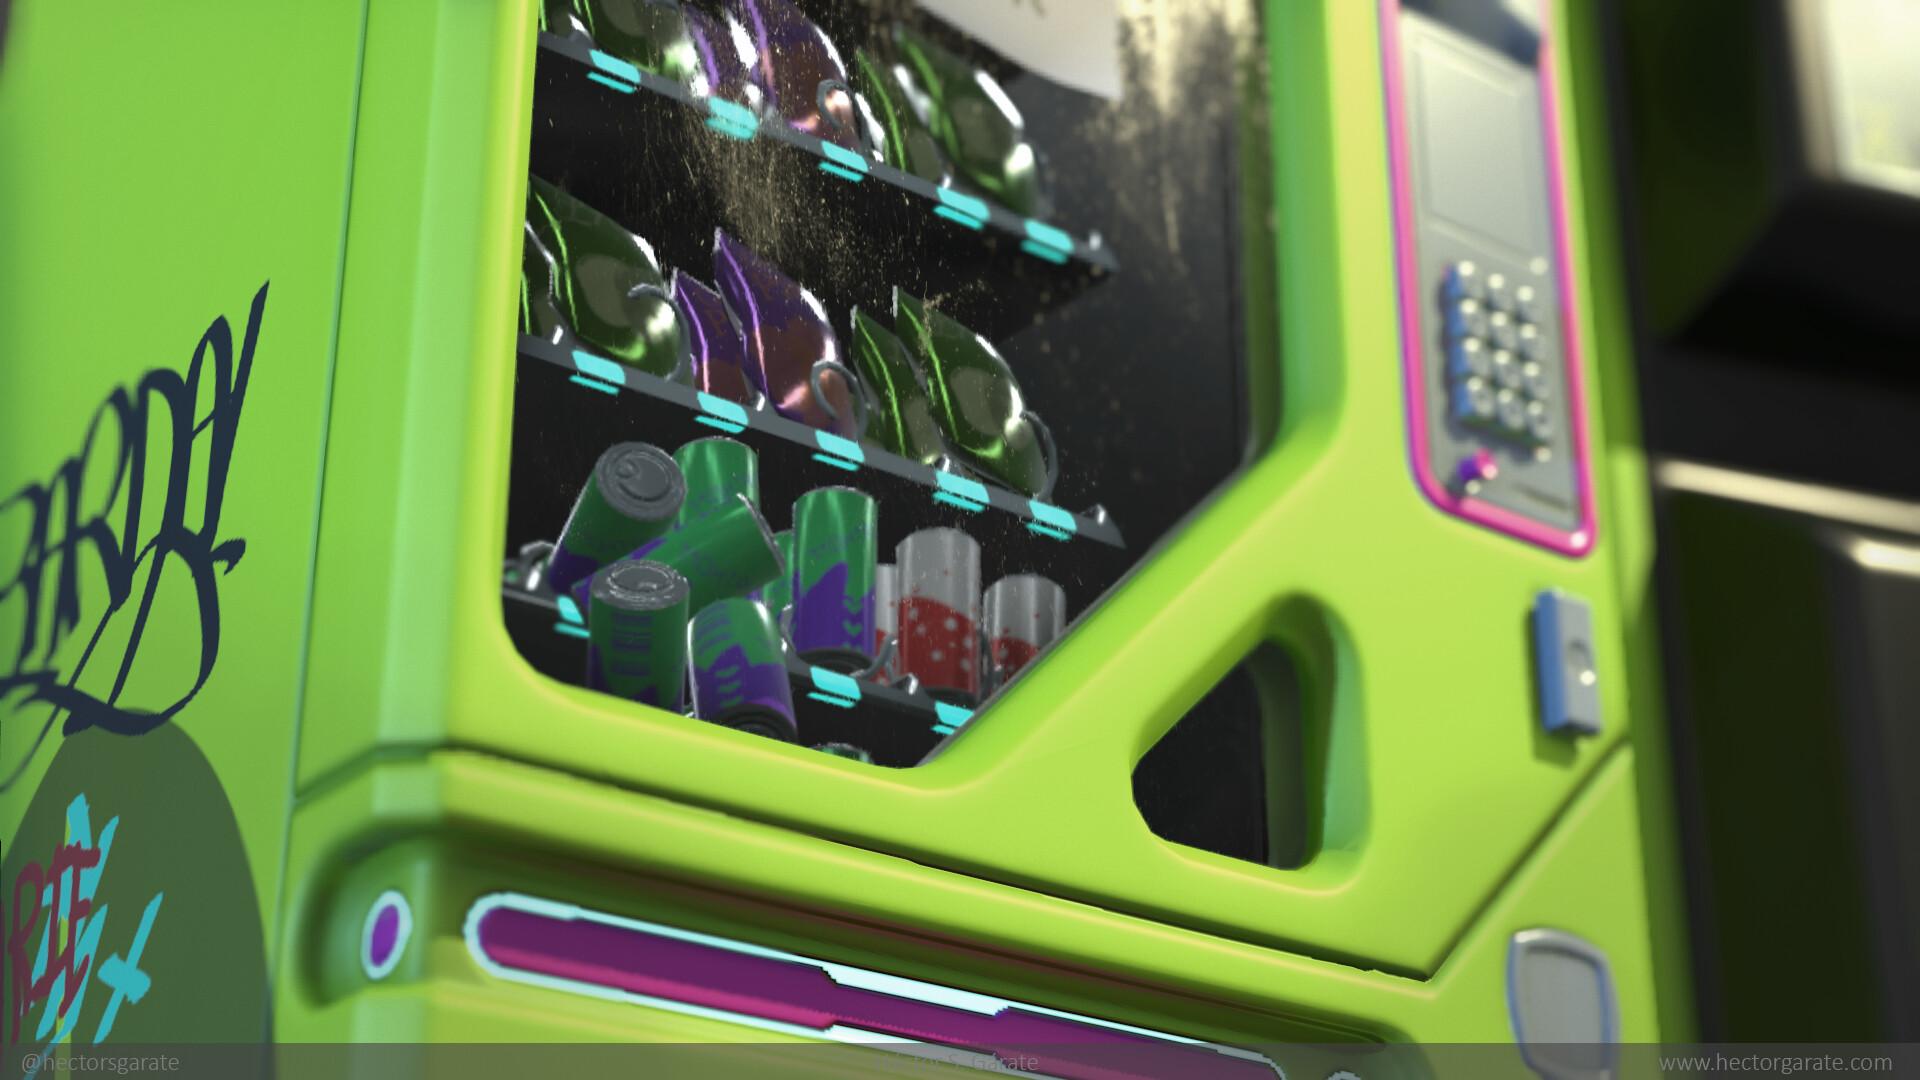 Hector garate vending 04